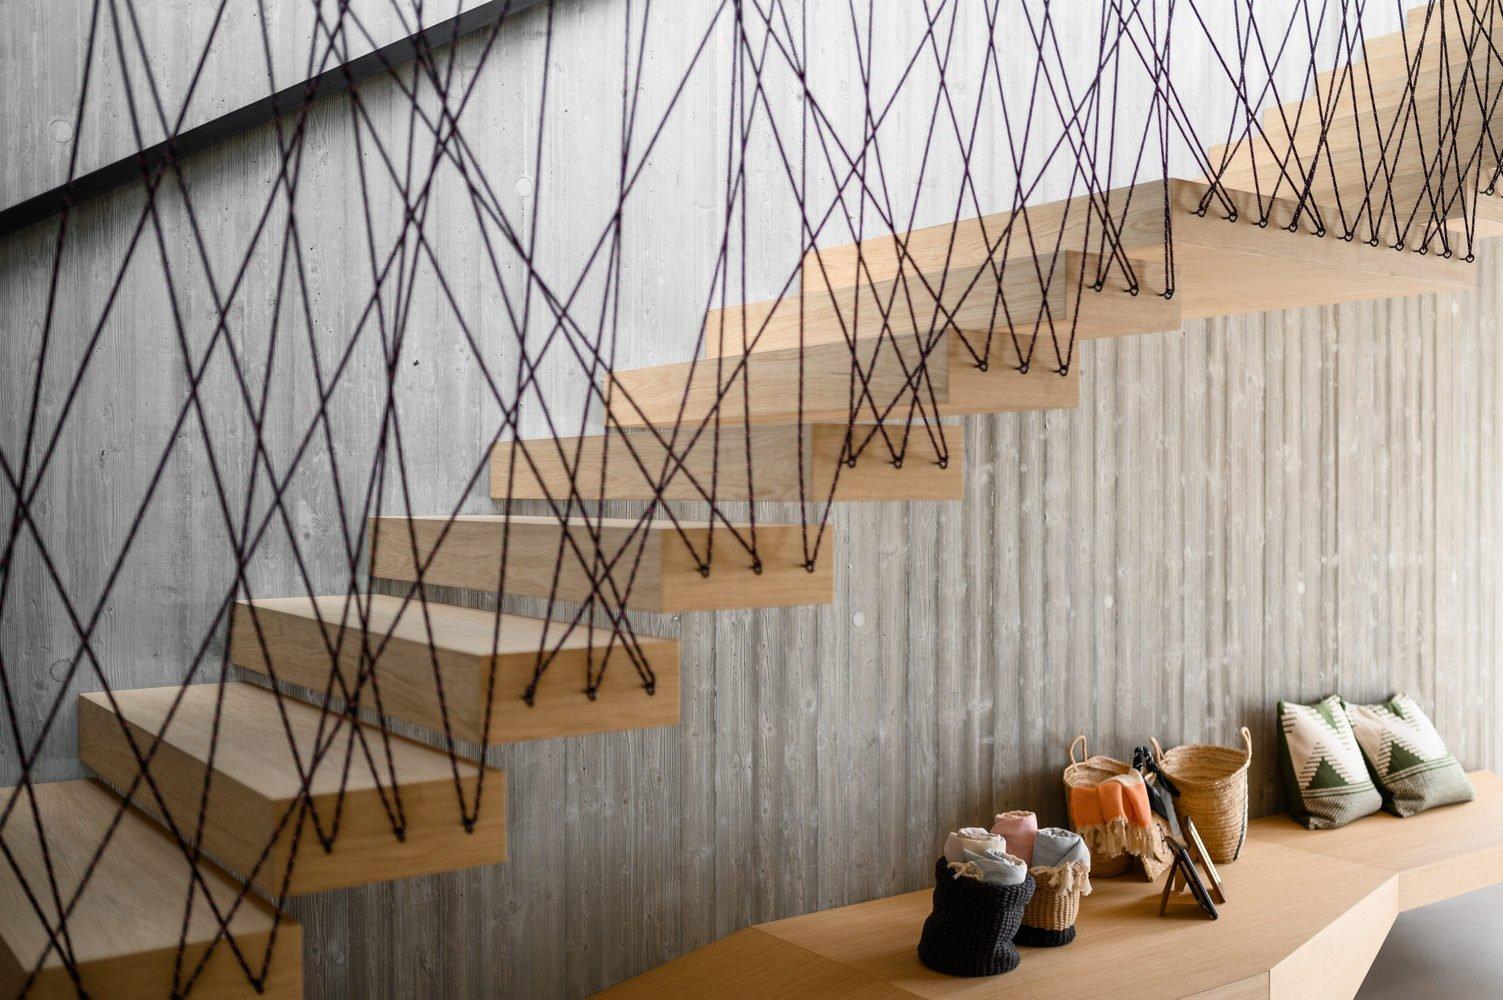 Scala di design in Rovere e corda - Hotel Tyrol - vista insieme